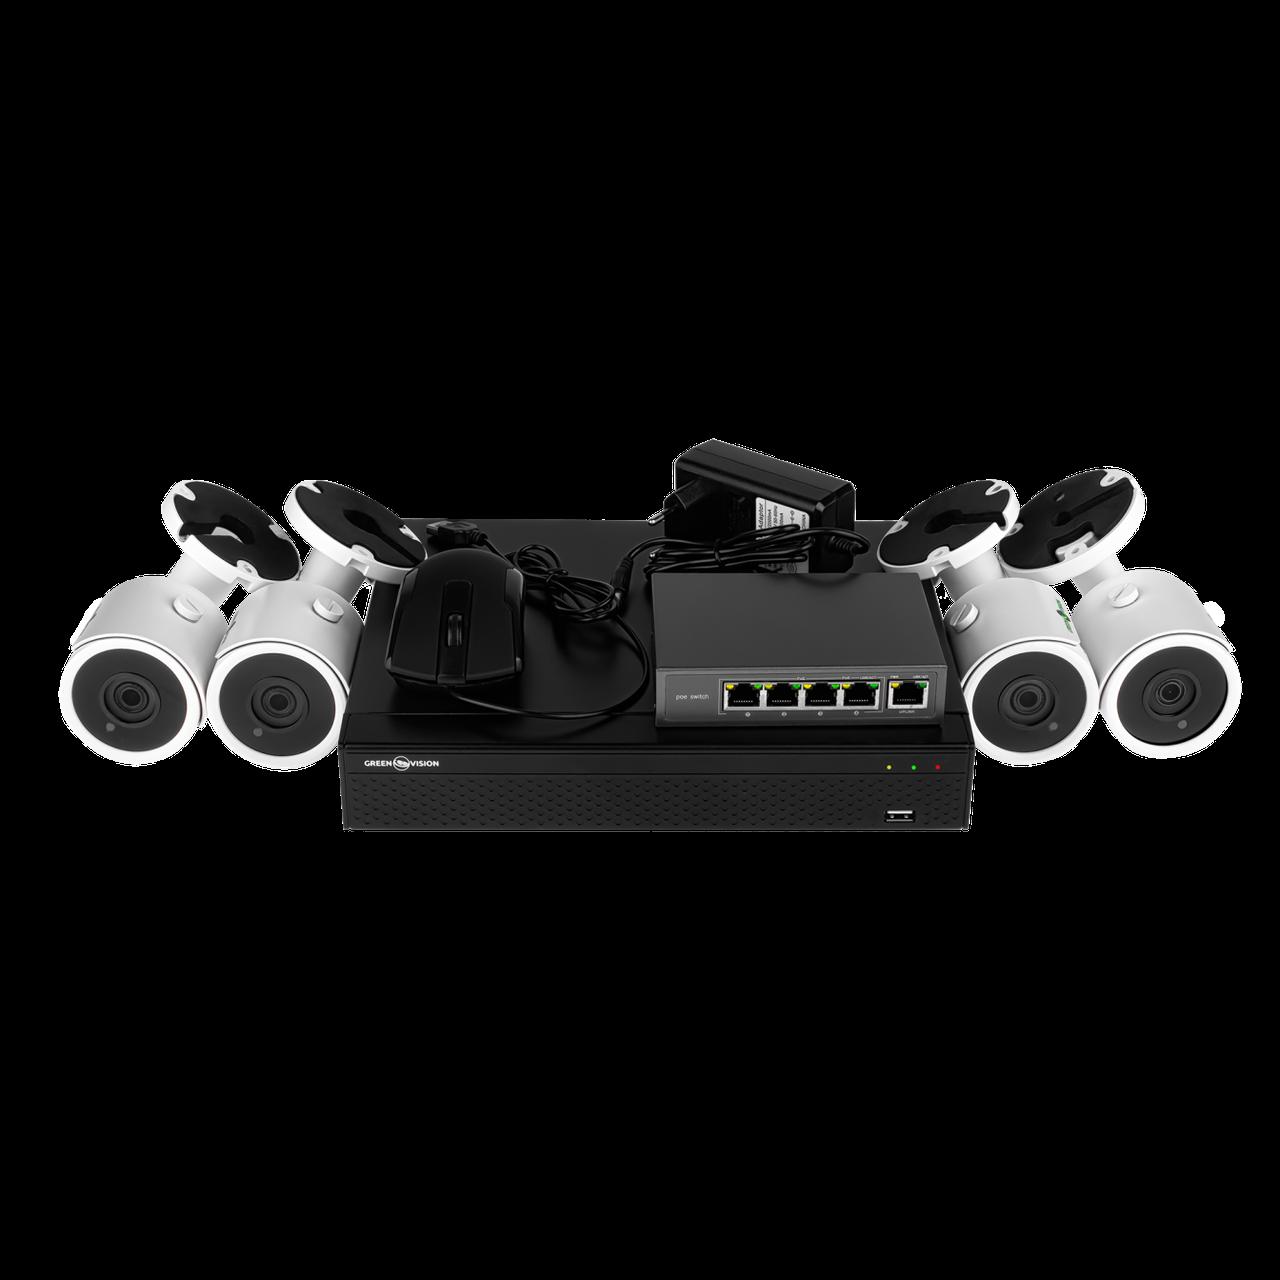 Комплект видеонаблюдения Green Vision GV-IP-K-L22/04 1080P